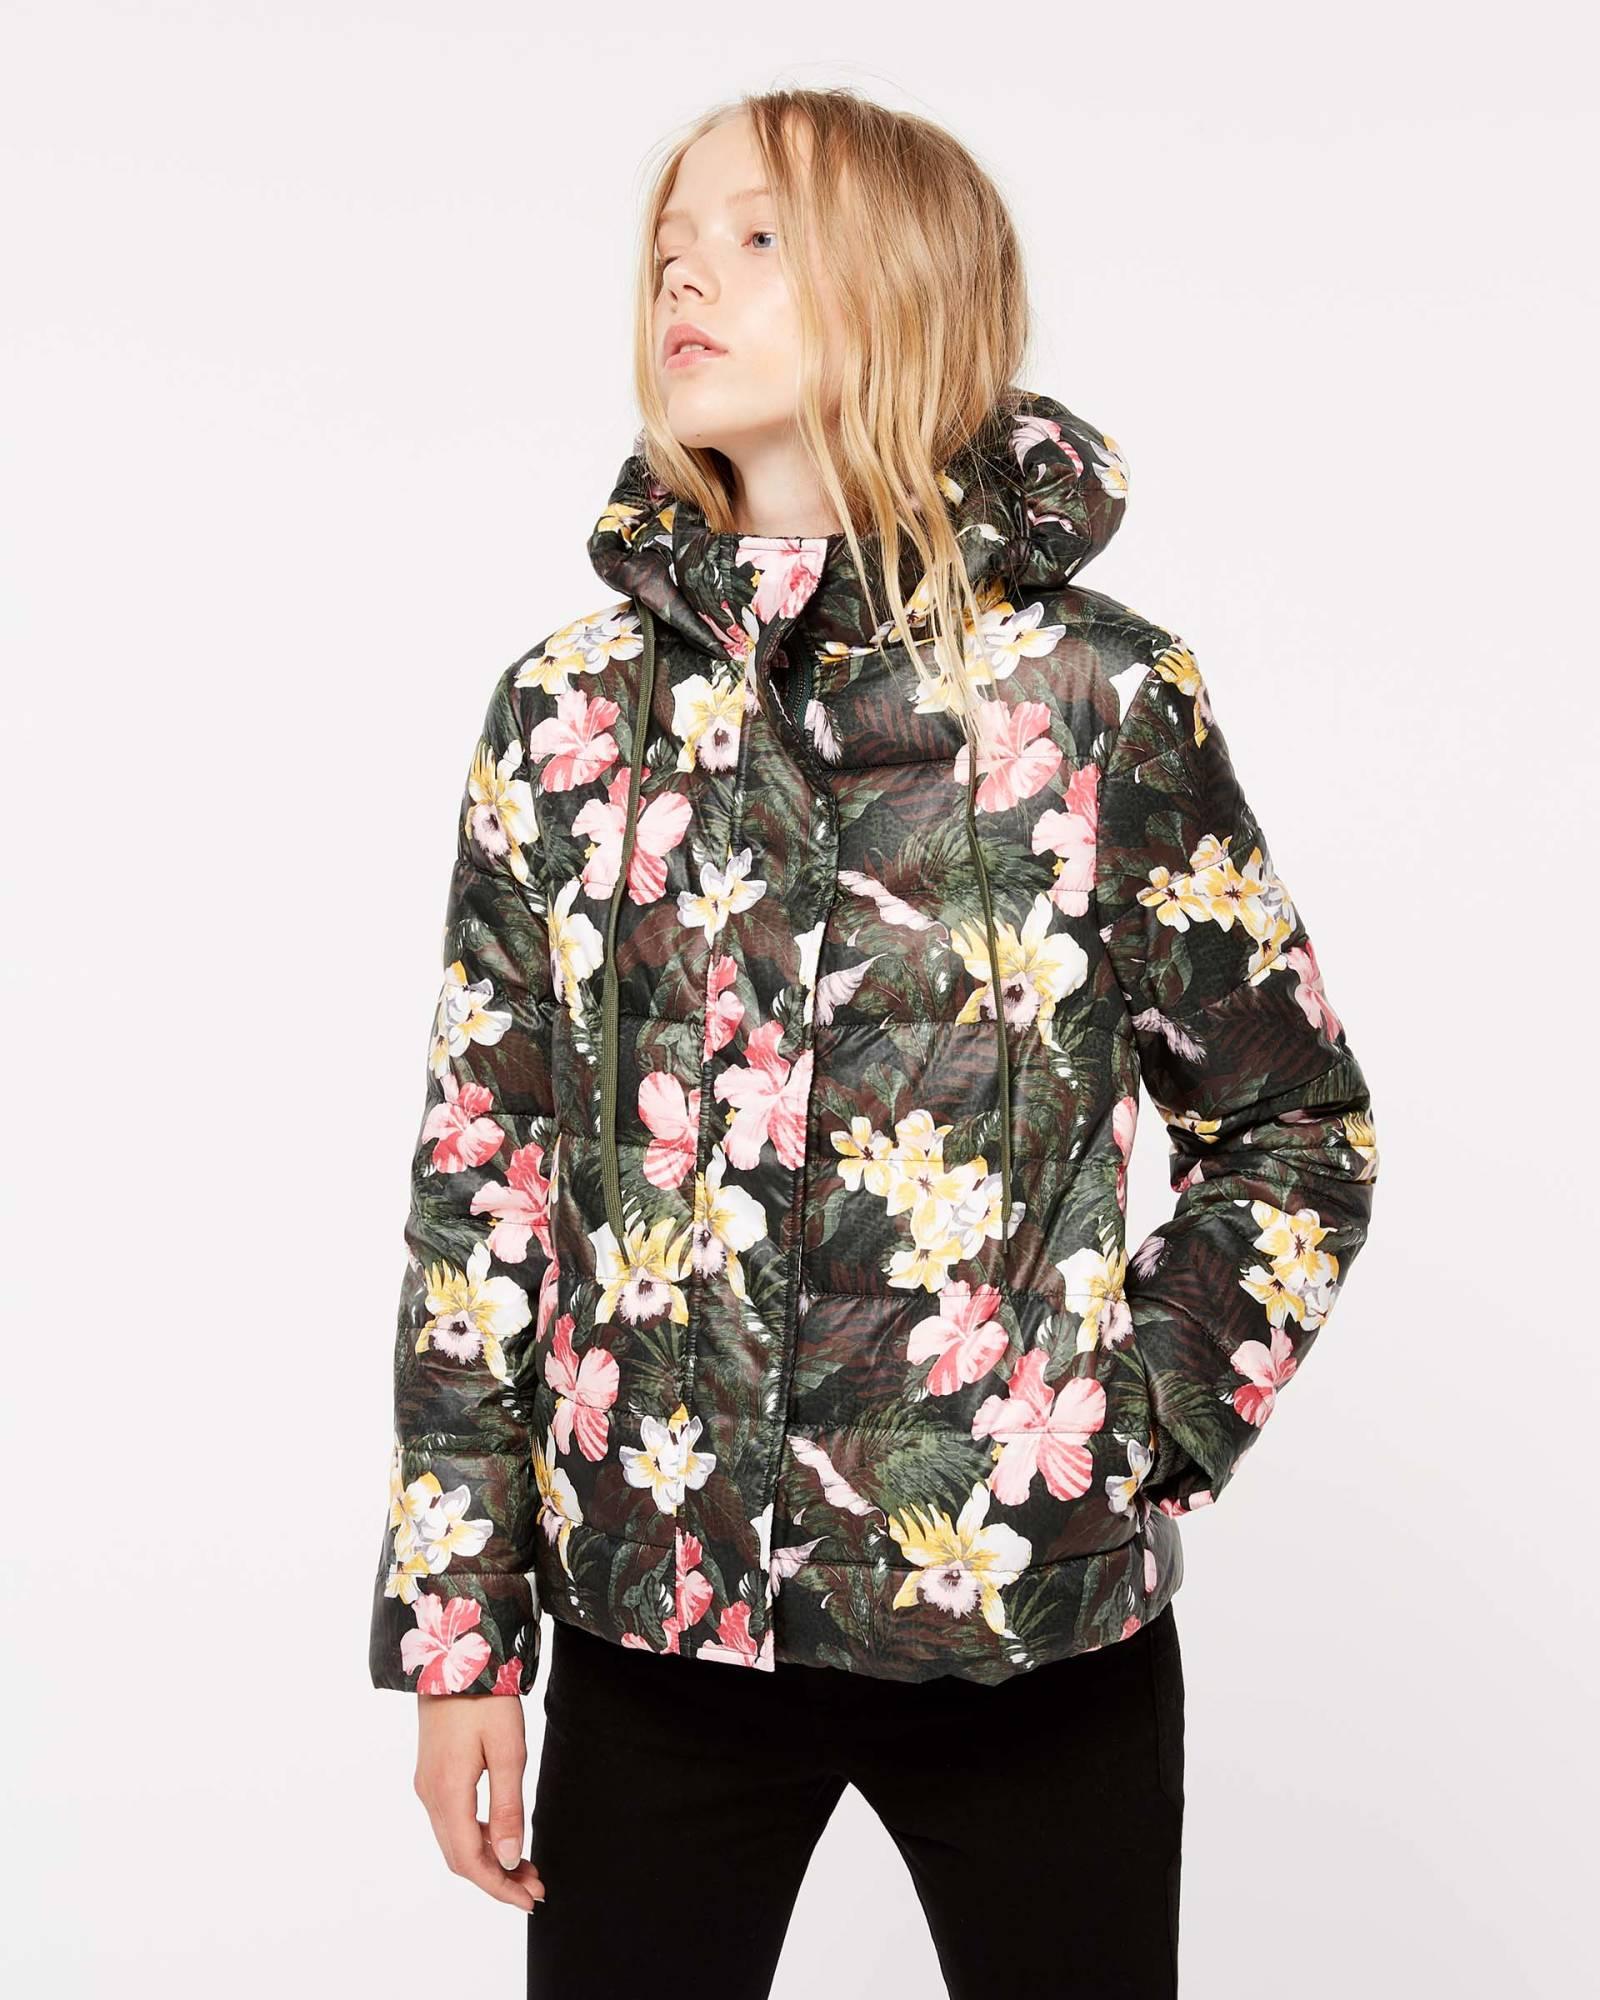 Piumino a fiori con cappuccio Sisley collezione autunno inverno 2018 2019